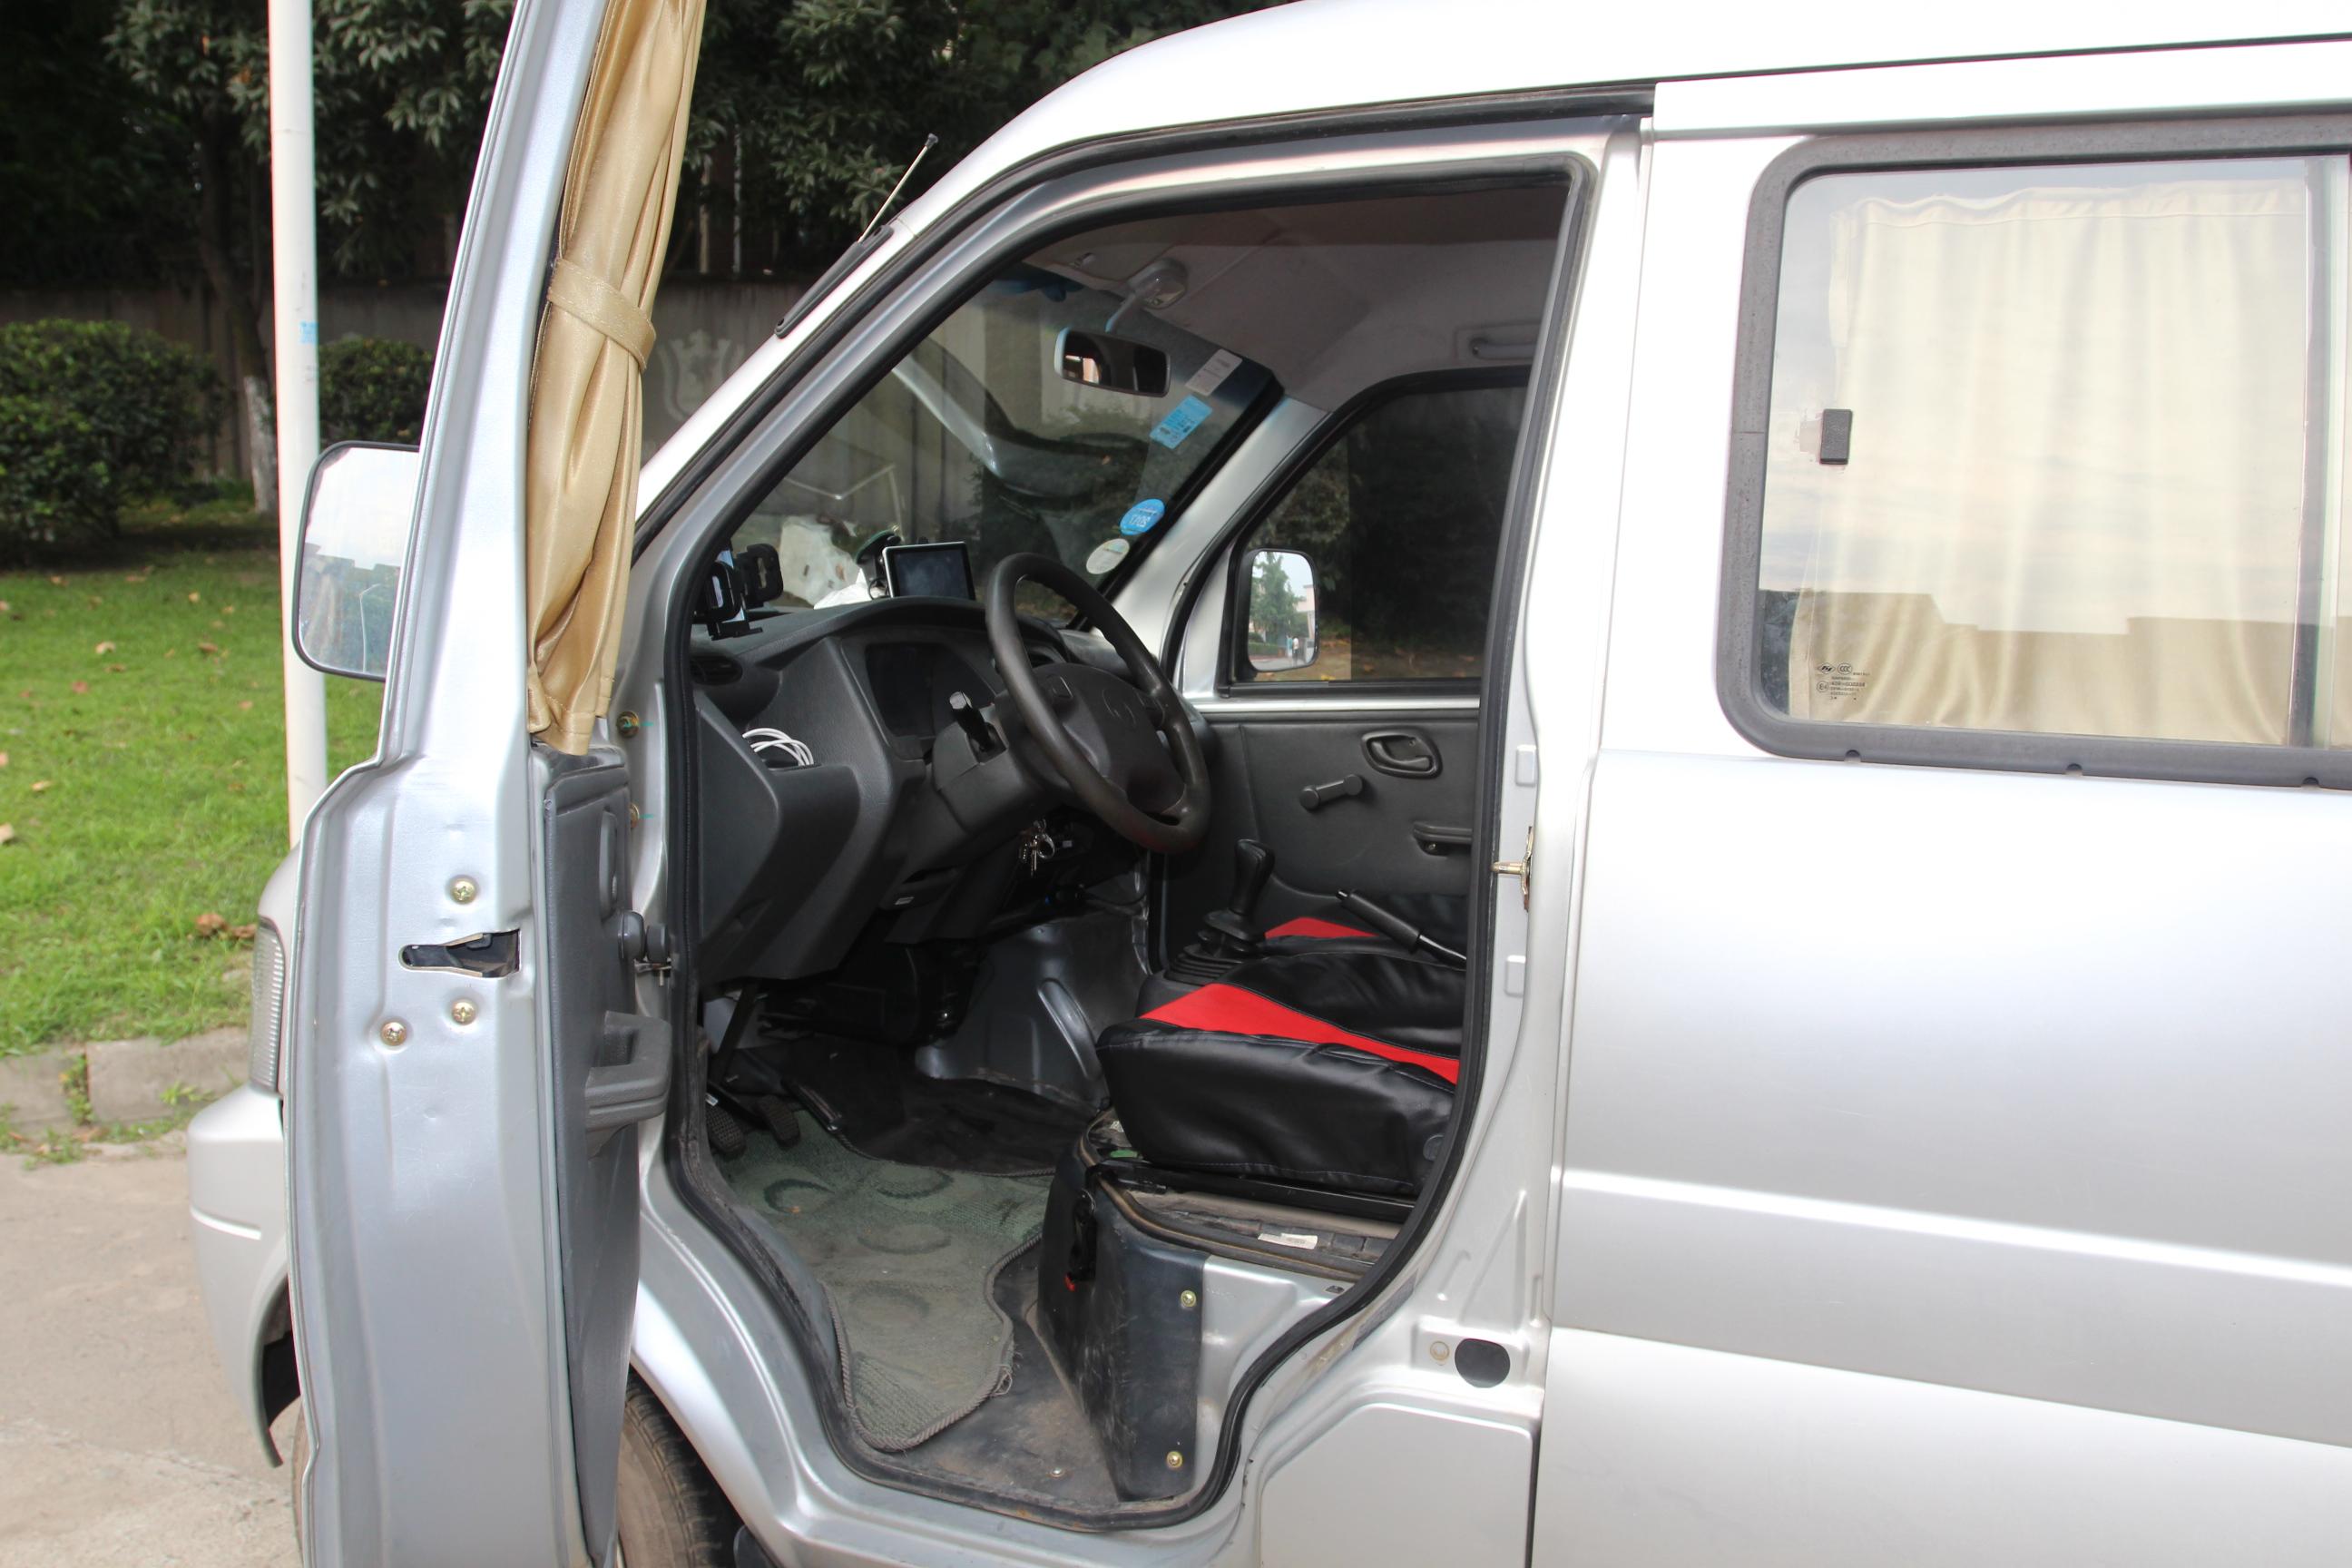 0l基本型af10-06  内饰-中控安全指示灯正常,气囊等被动安全项正常